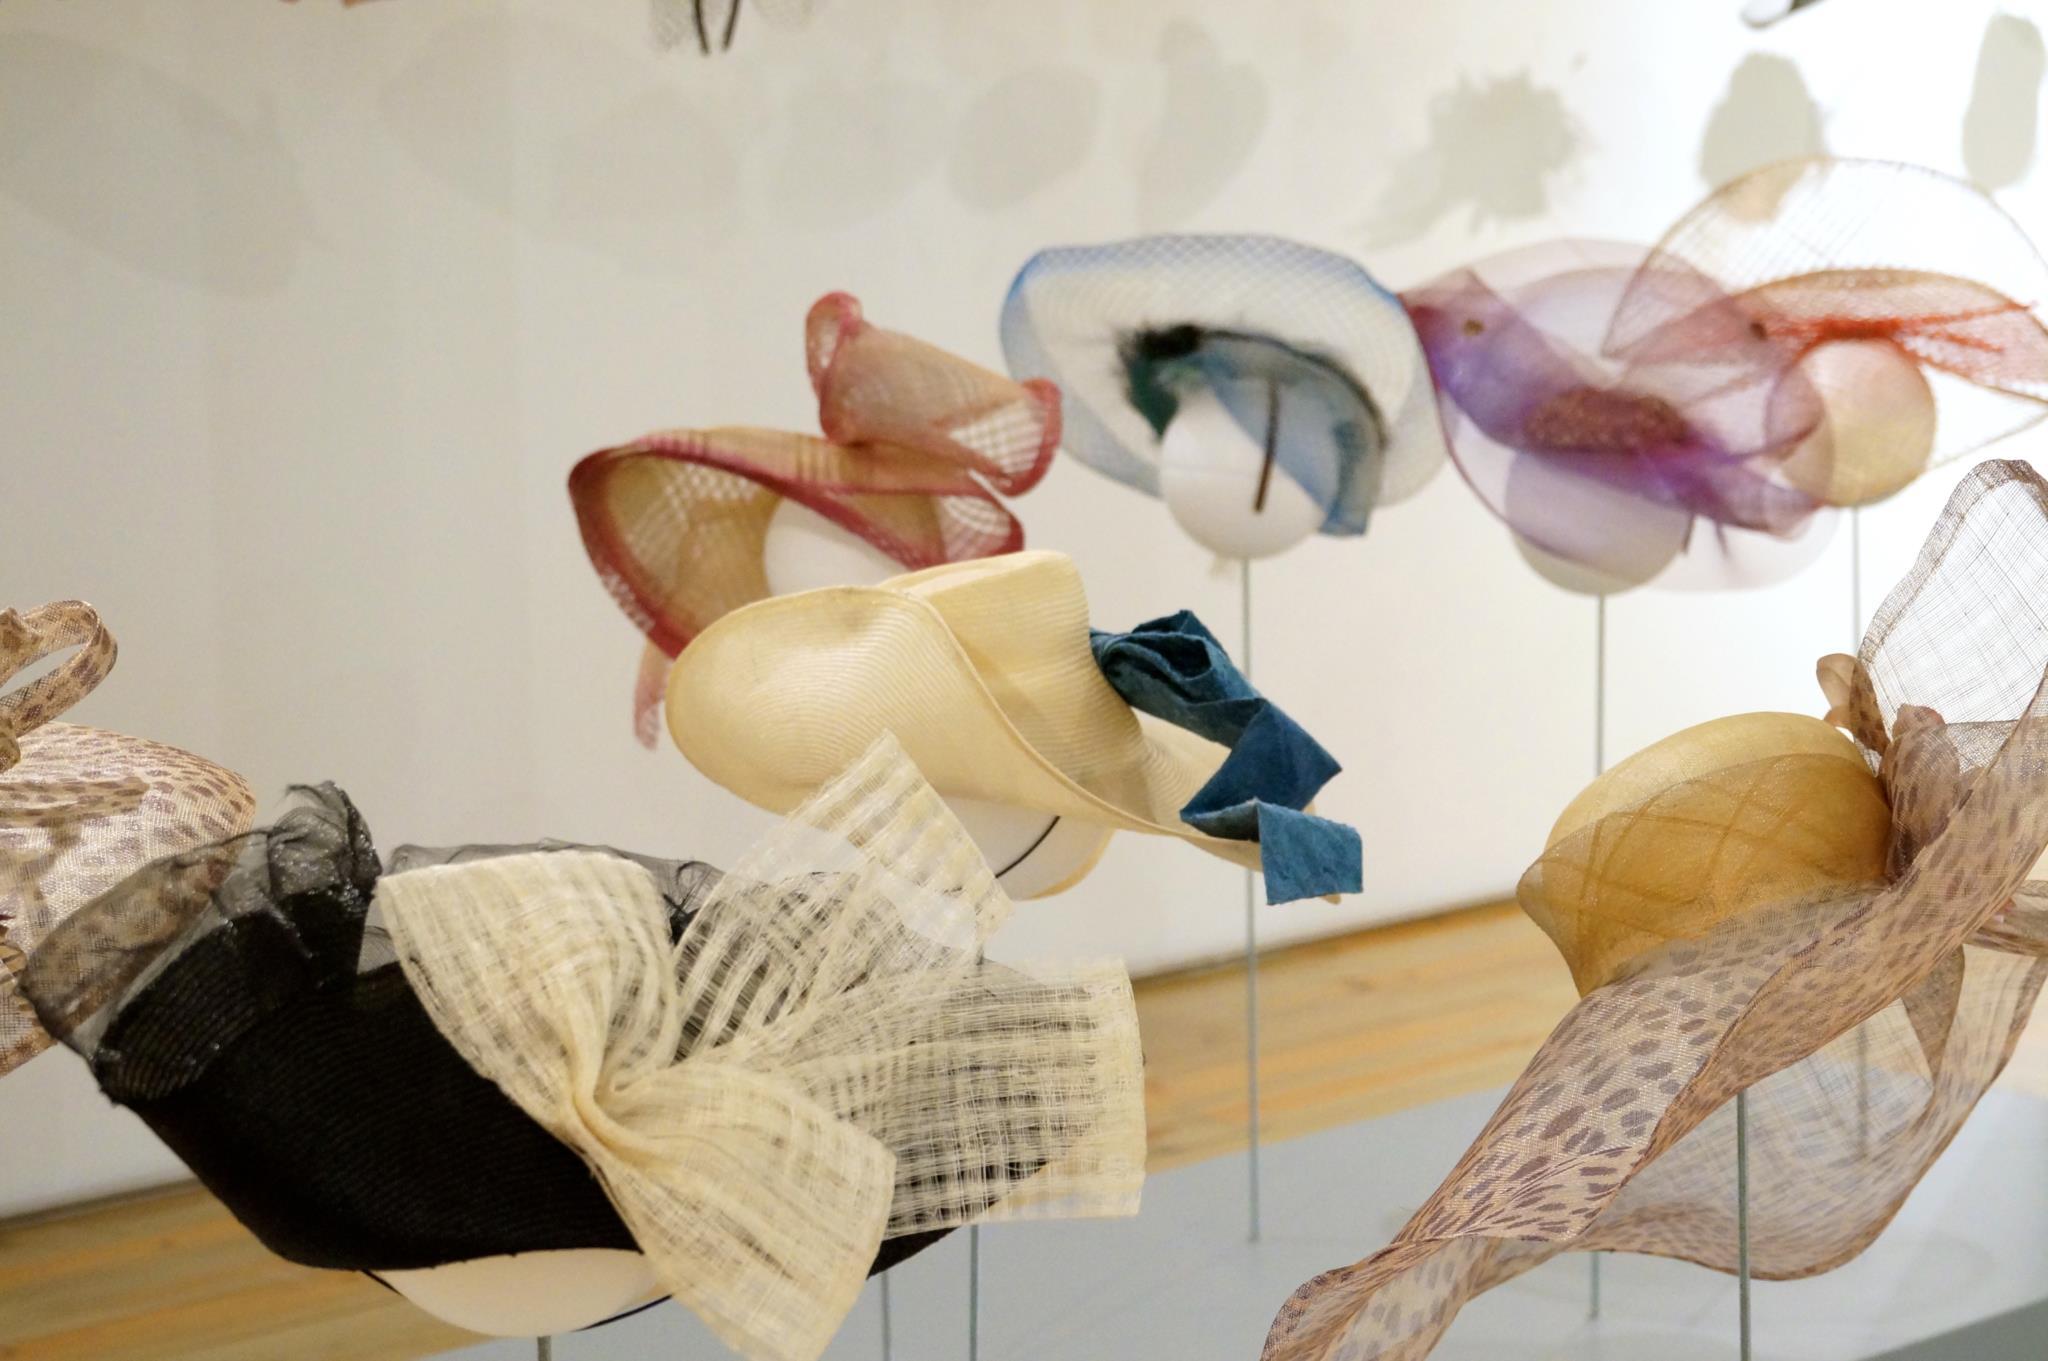 O Museu da Chapelaria recebe as peças da dupla criativa Pablo y Mayaya